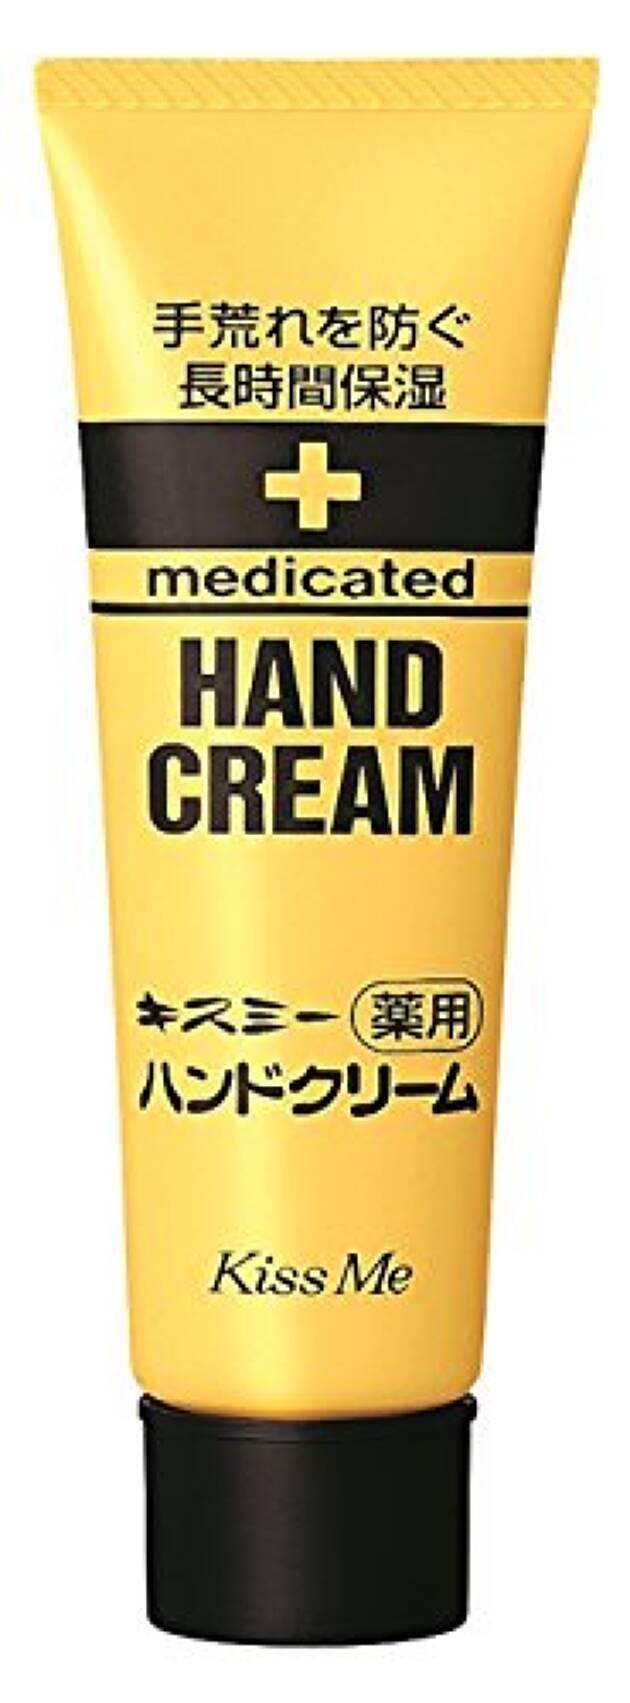 キスミー 薬用シリーズ 薬用ハンドクリーム